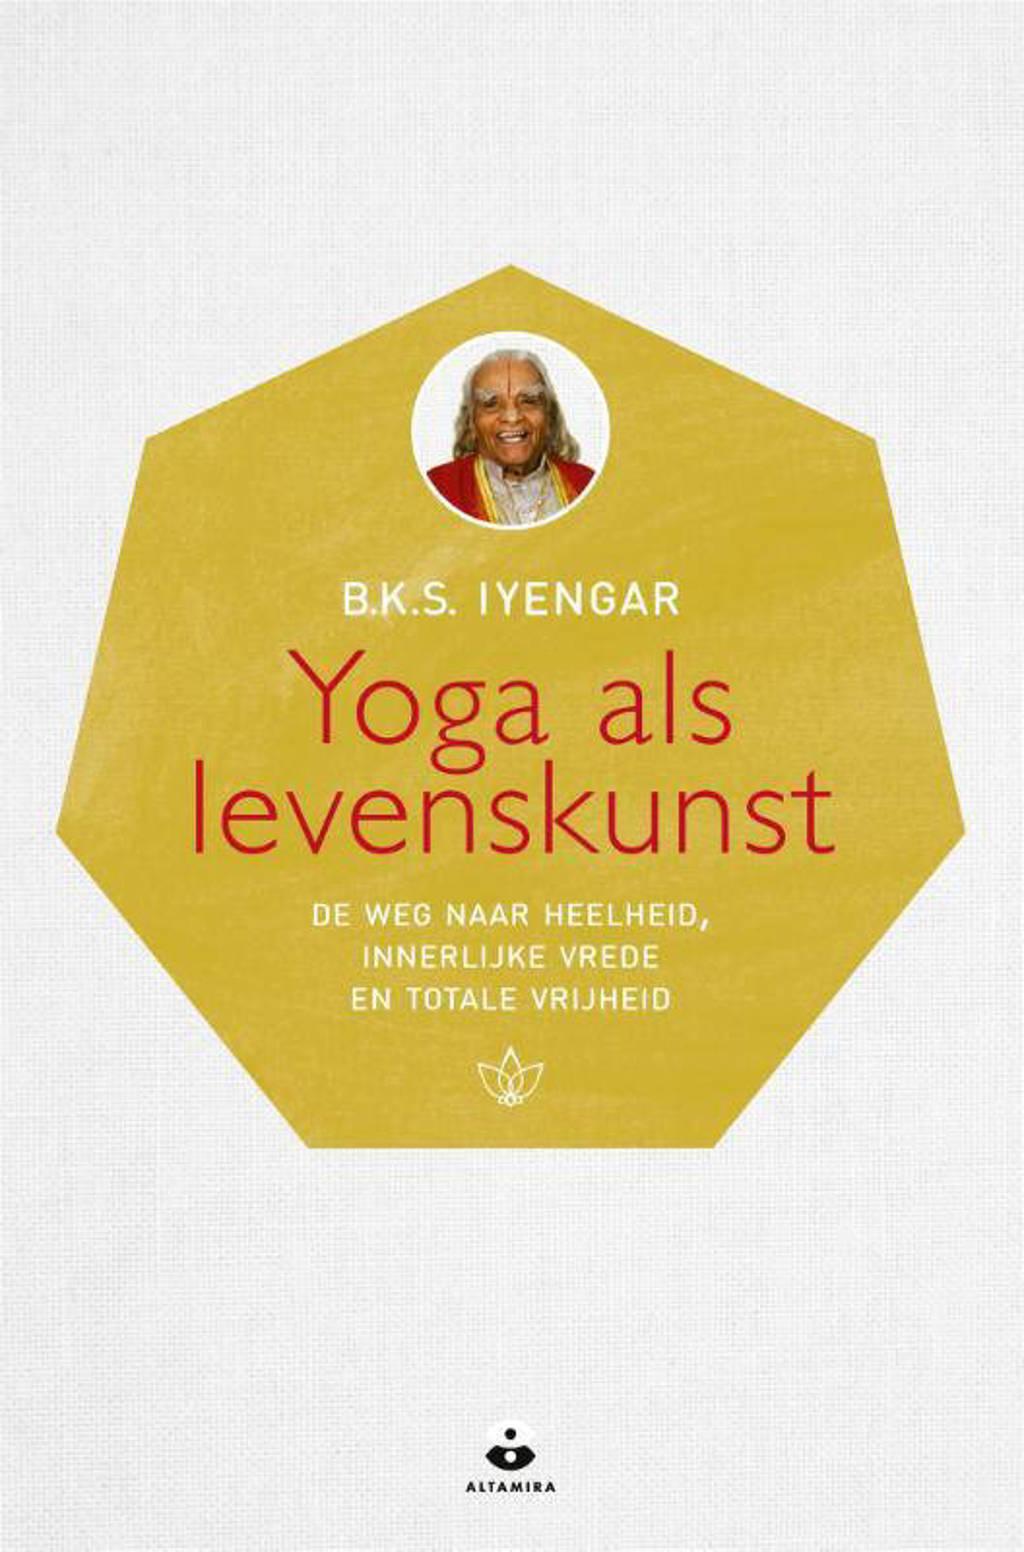 Yoga als levenskunst - B.K.S. Iyengar